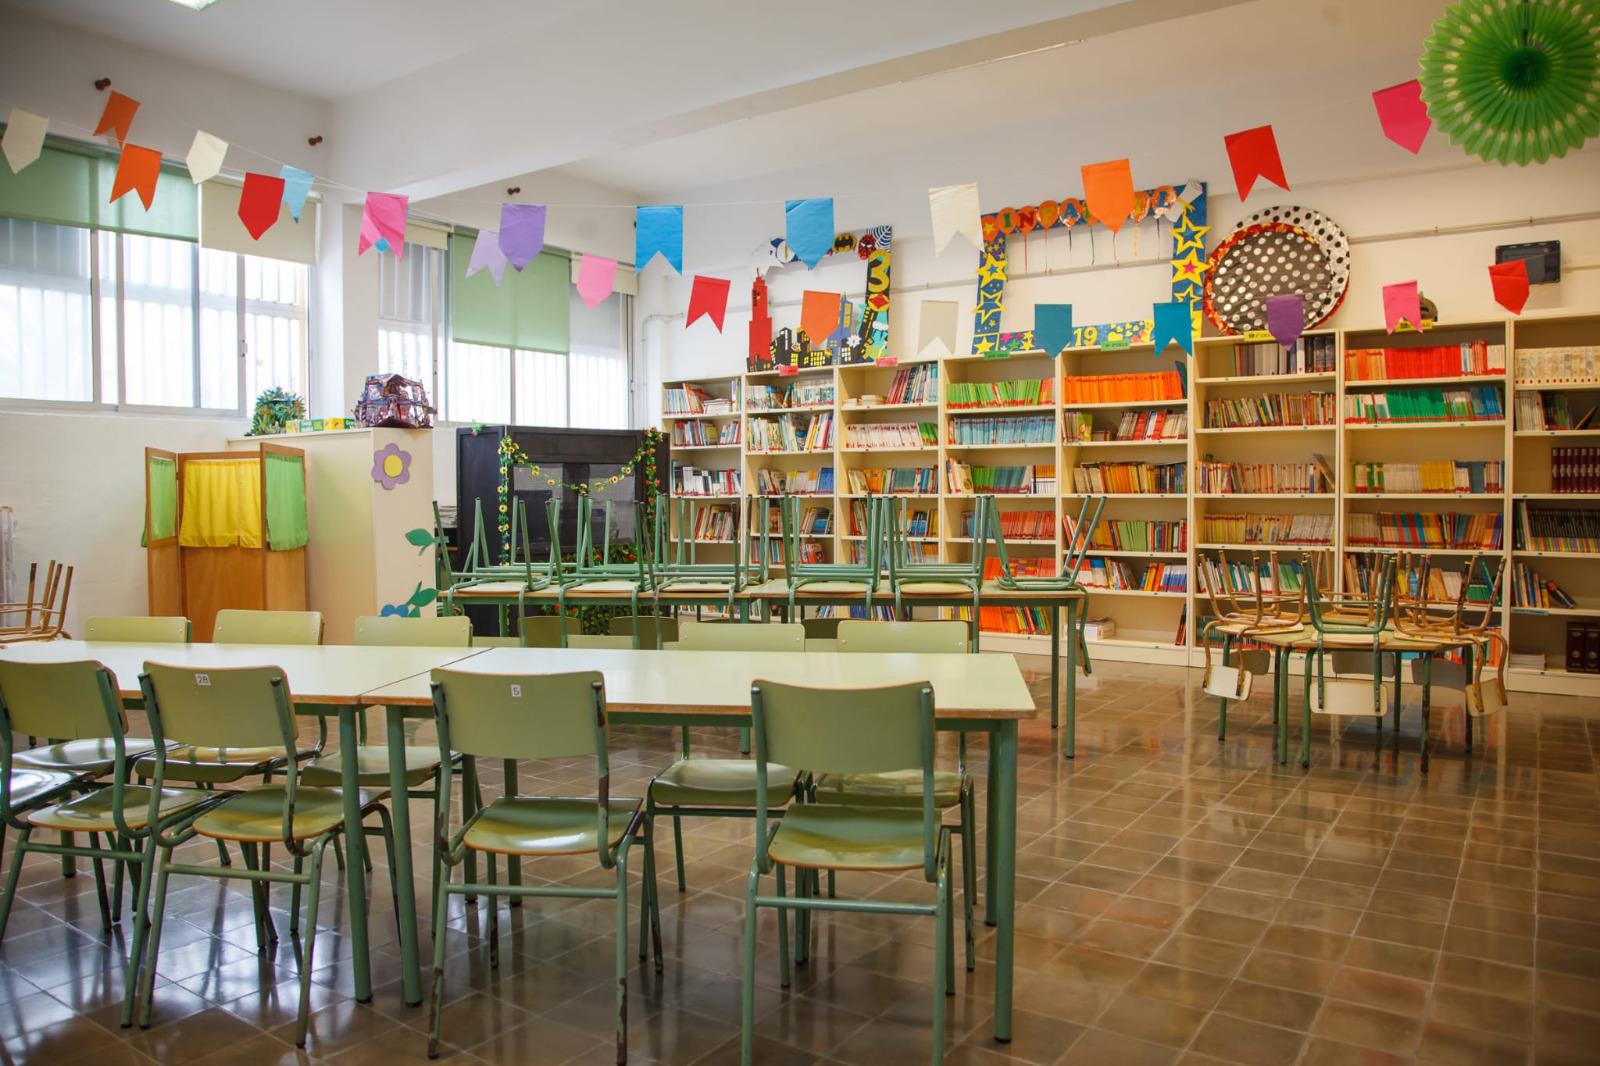 De los 586 colegios públicos de Canarias, solo 22 aplazan el inicio de la actividad lectiva hasta la próxima semana